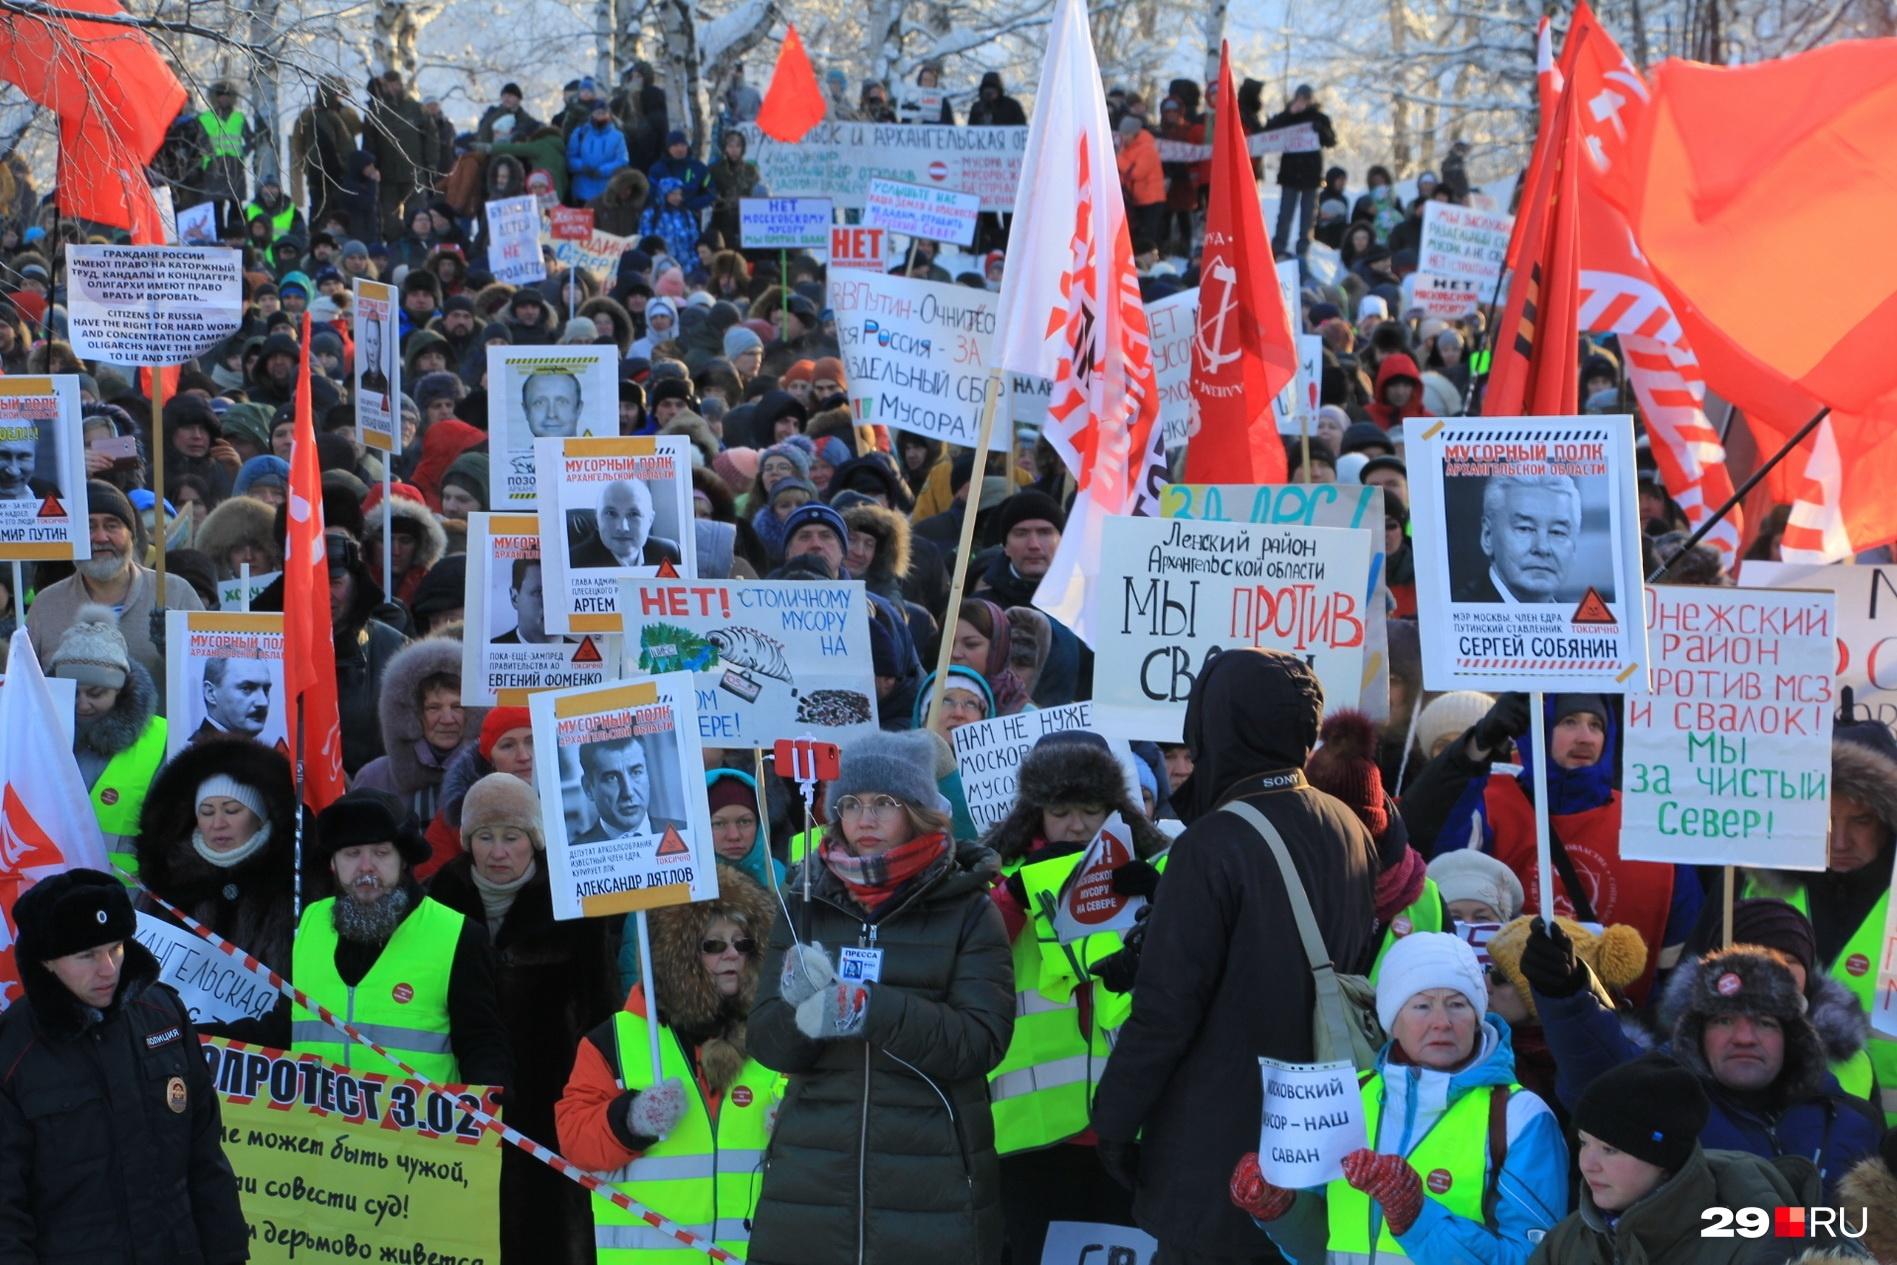 По предварительным данным, на митинг в Архангельске пришли две тысячи человек